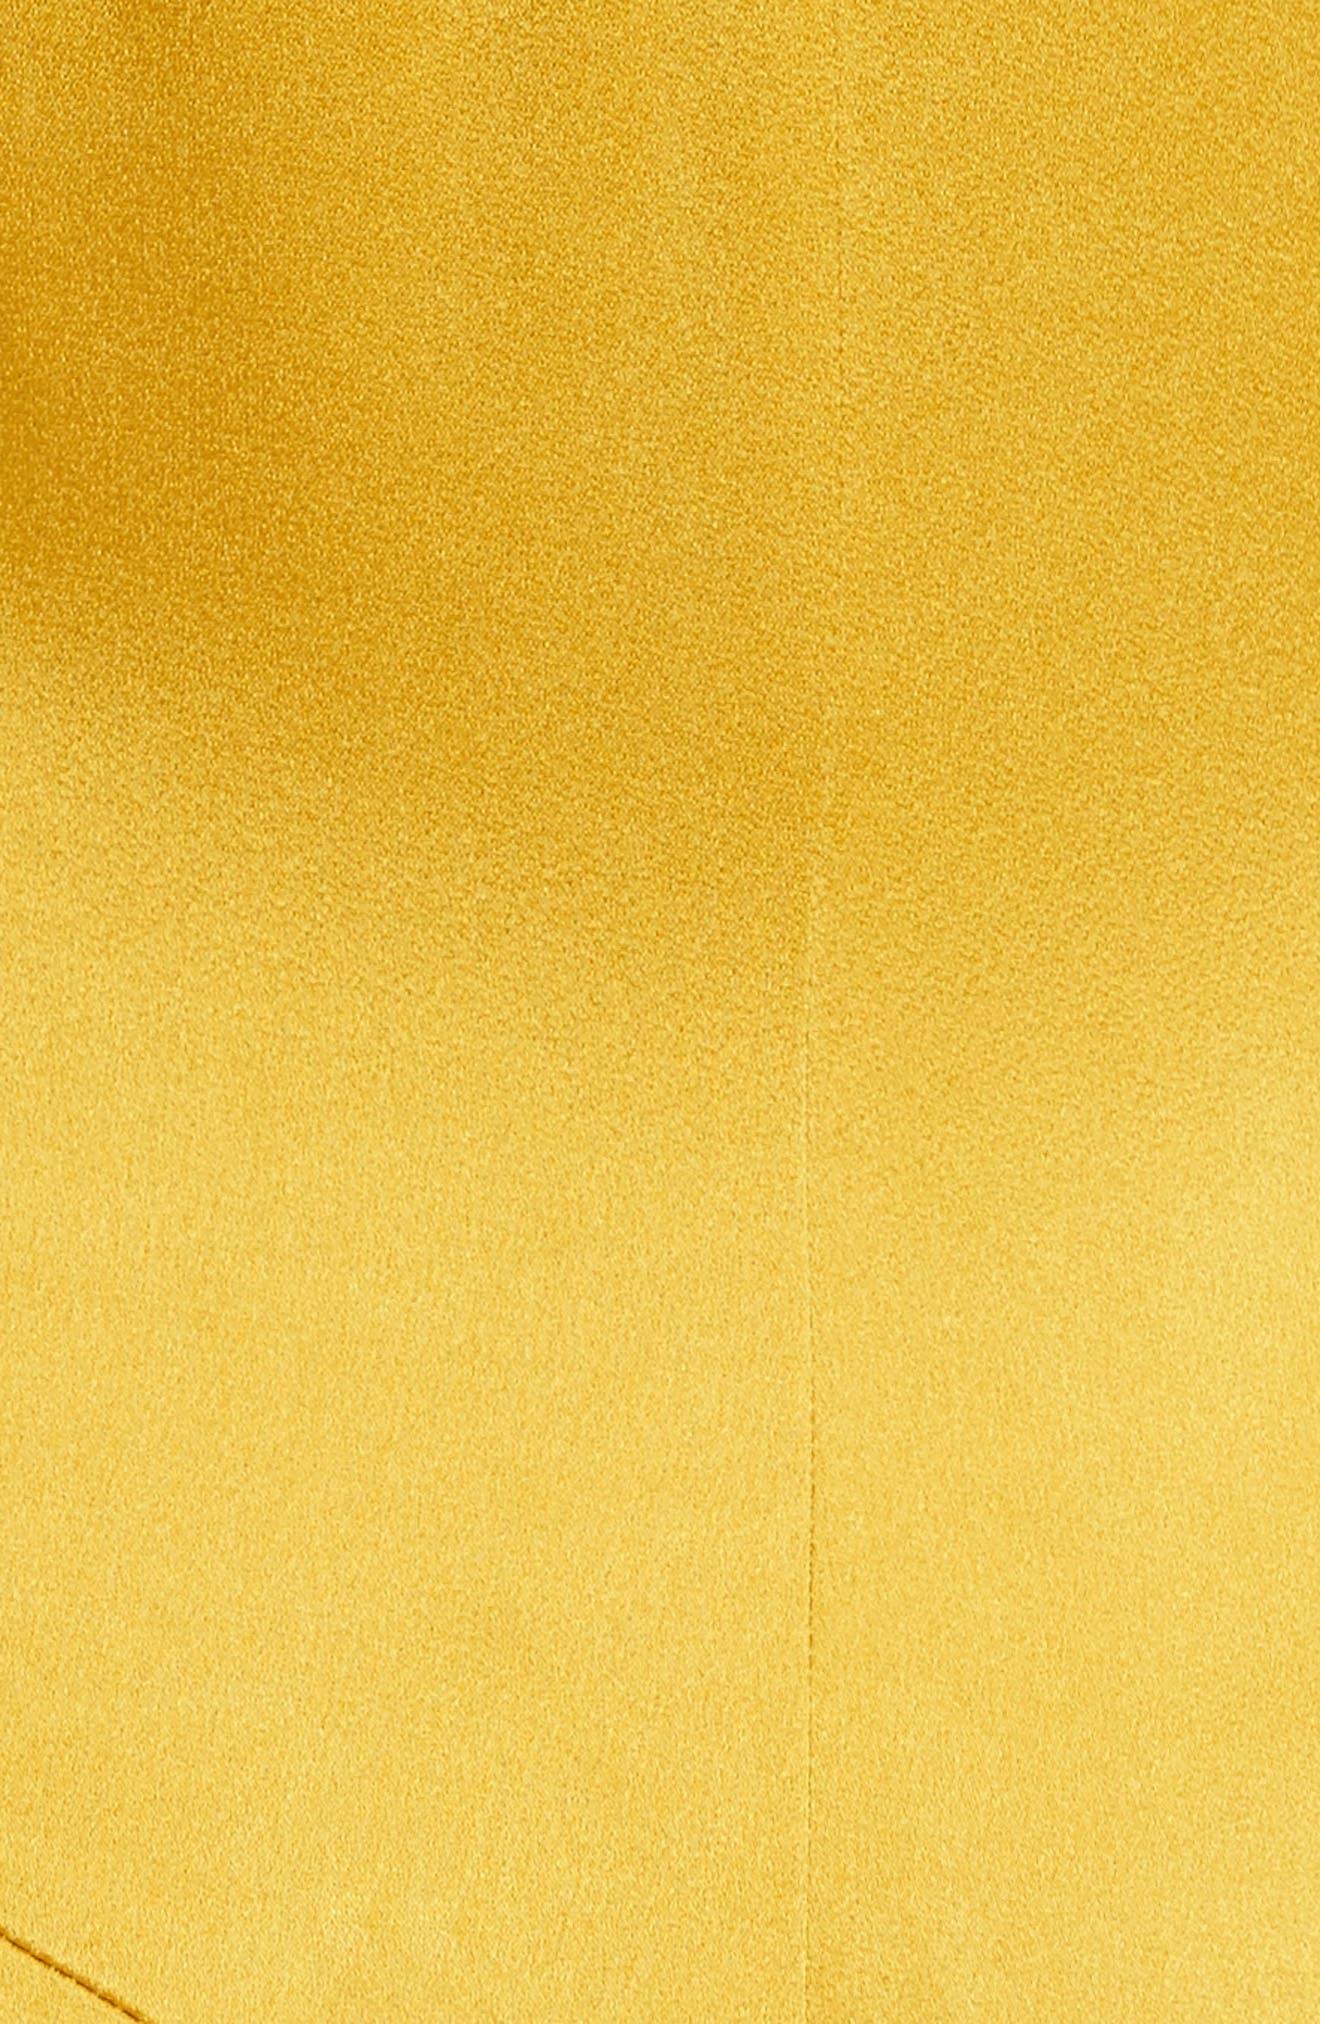 Crepe Back Satin Cold Shoulder Dress,                             Alternate thumbnail 5, color,                             700